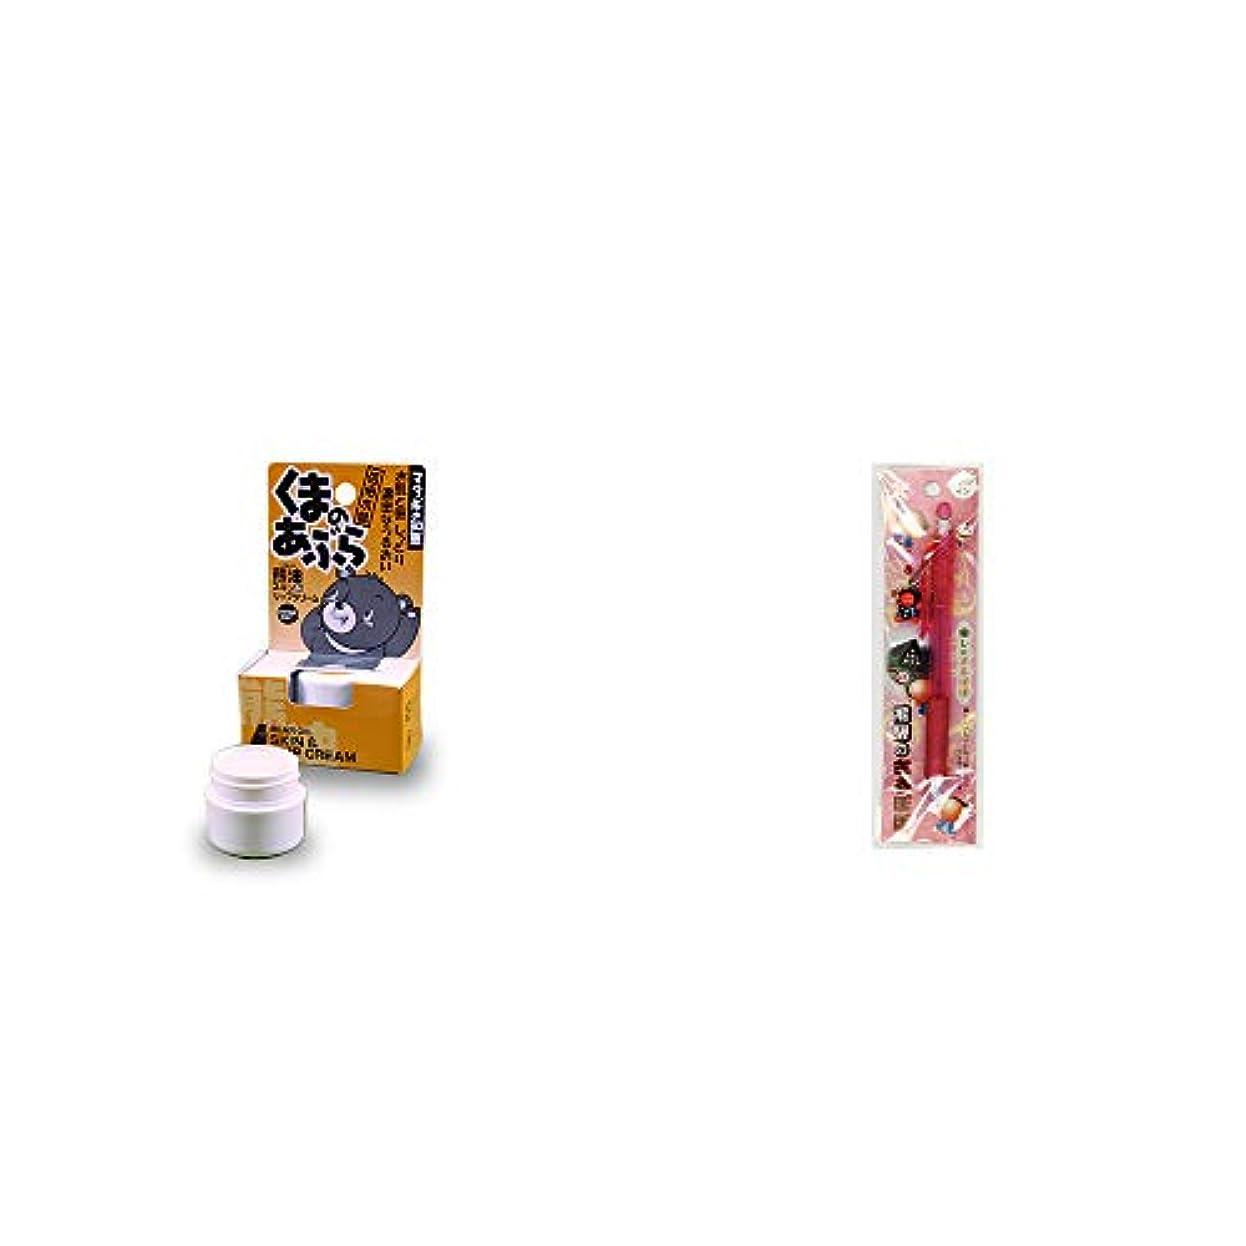 悲観的感情検査[2点セット] 信州木曽 くまのあぶら 熊油スキン&リップクリーム(9g)?さるぼぼ 癒しシャープペン 【ピンク】